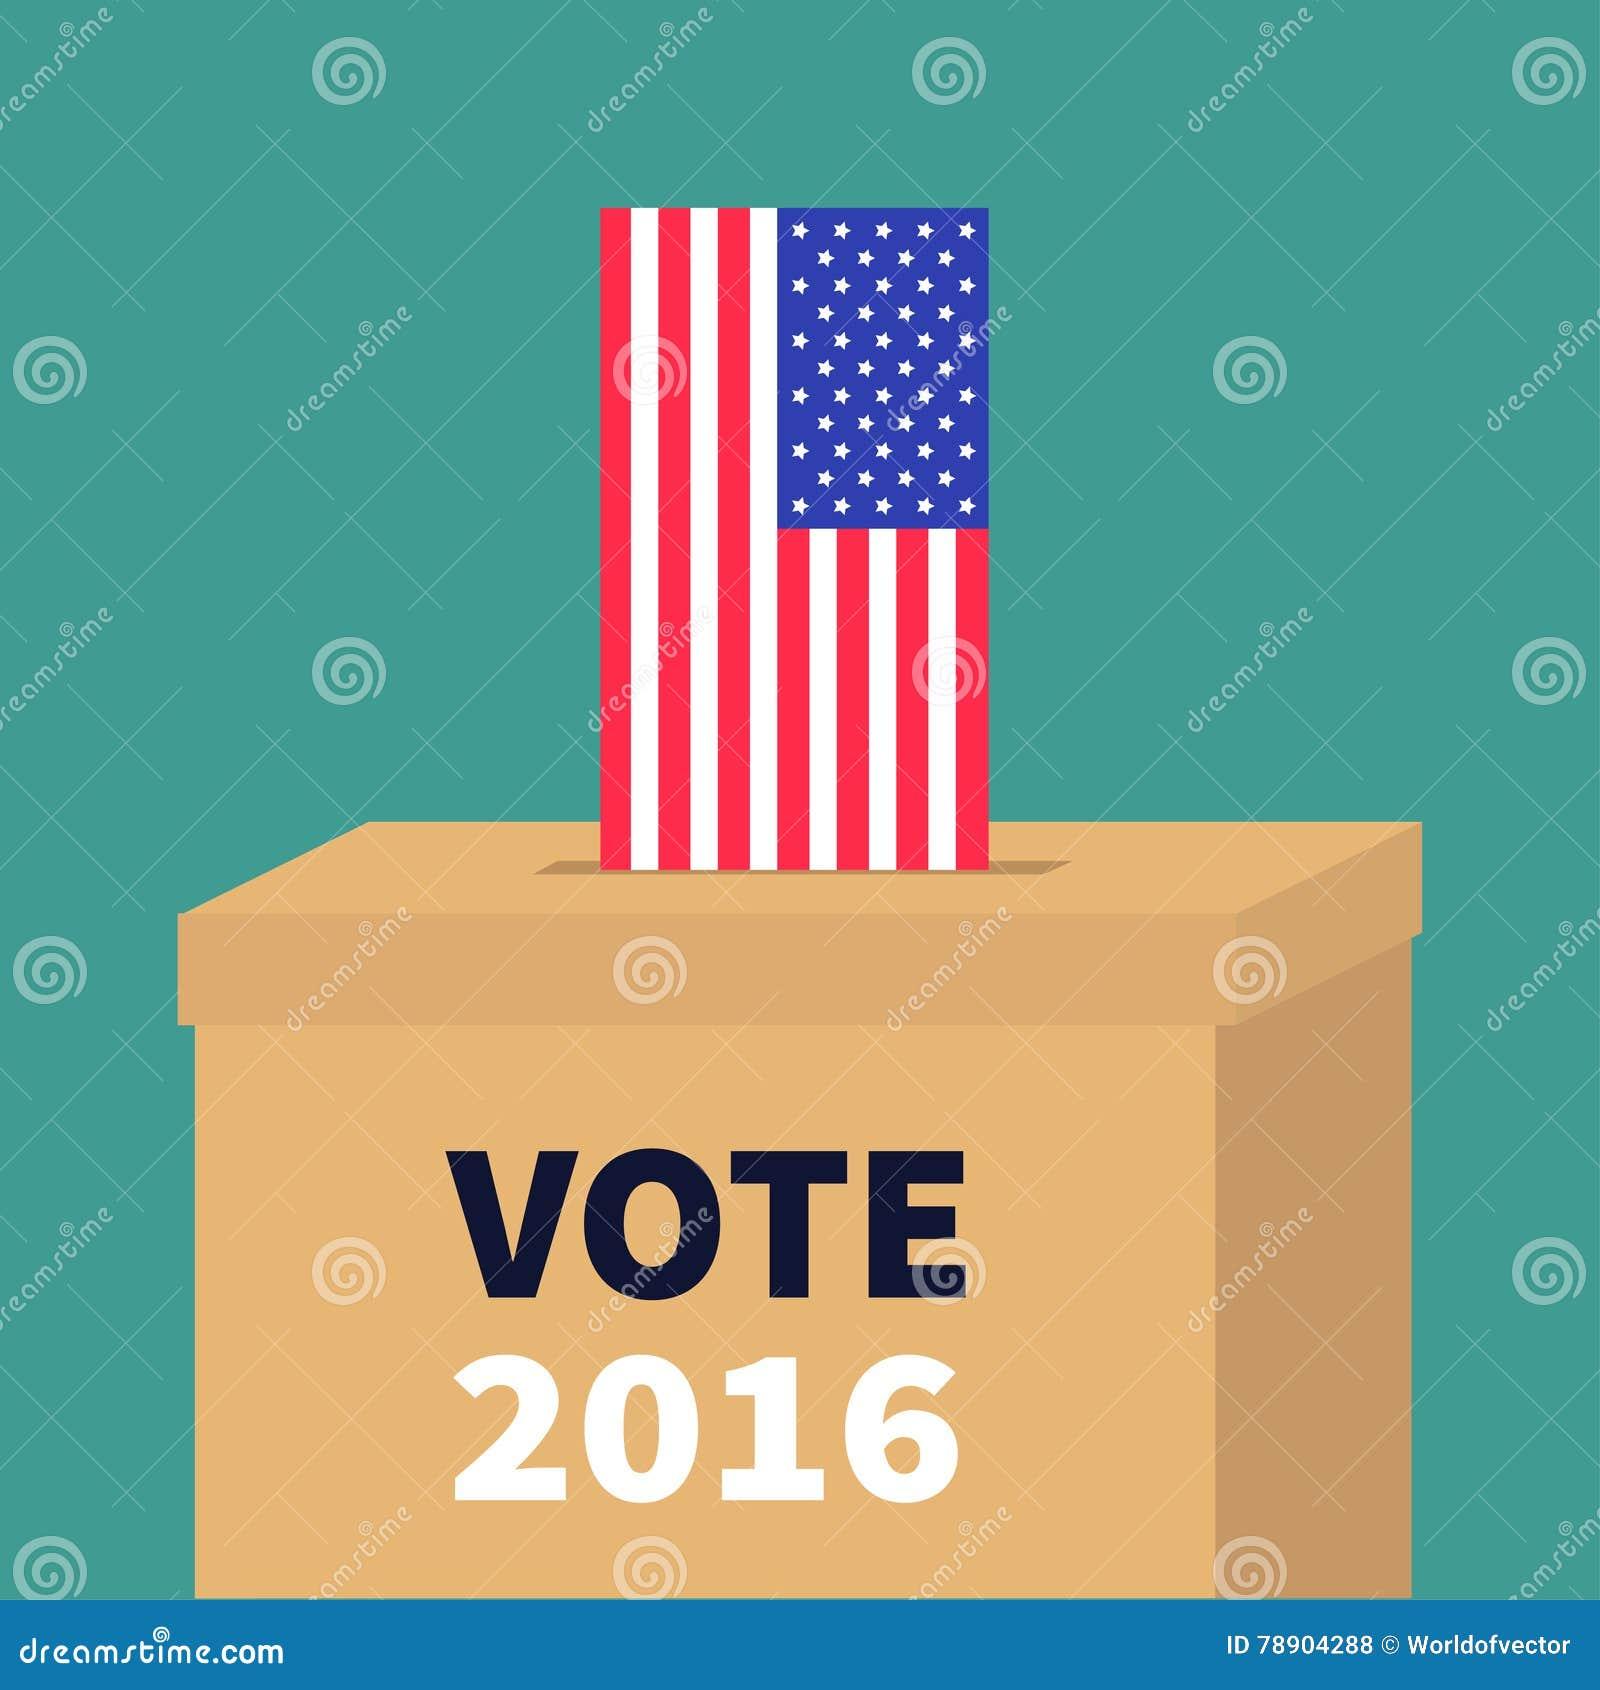 Caja de votación de la votación con concepto del boletín del espacio en blanco del papel de bandera americana